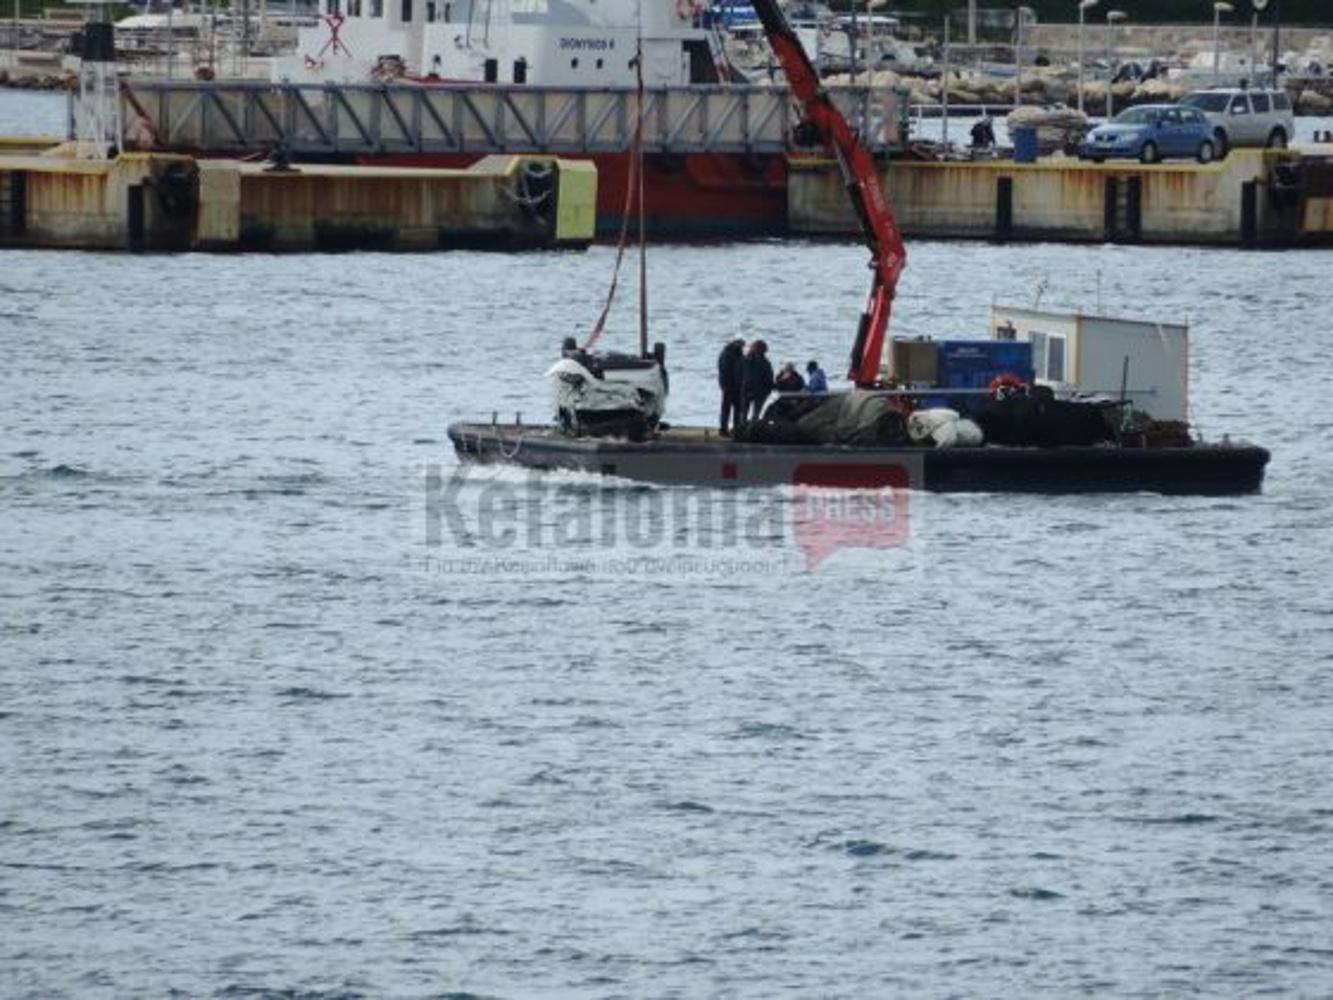 Τραγωδία στην Κεφαλονιά: Νεκρός 23χρονος που έπεσε με το αυτοκίνητό του στη θάλασσα